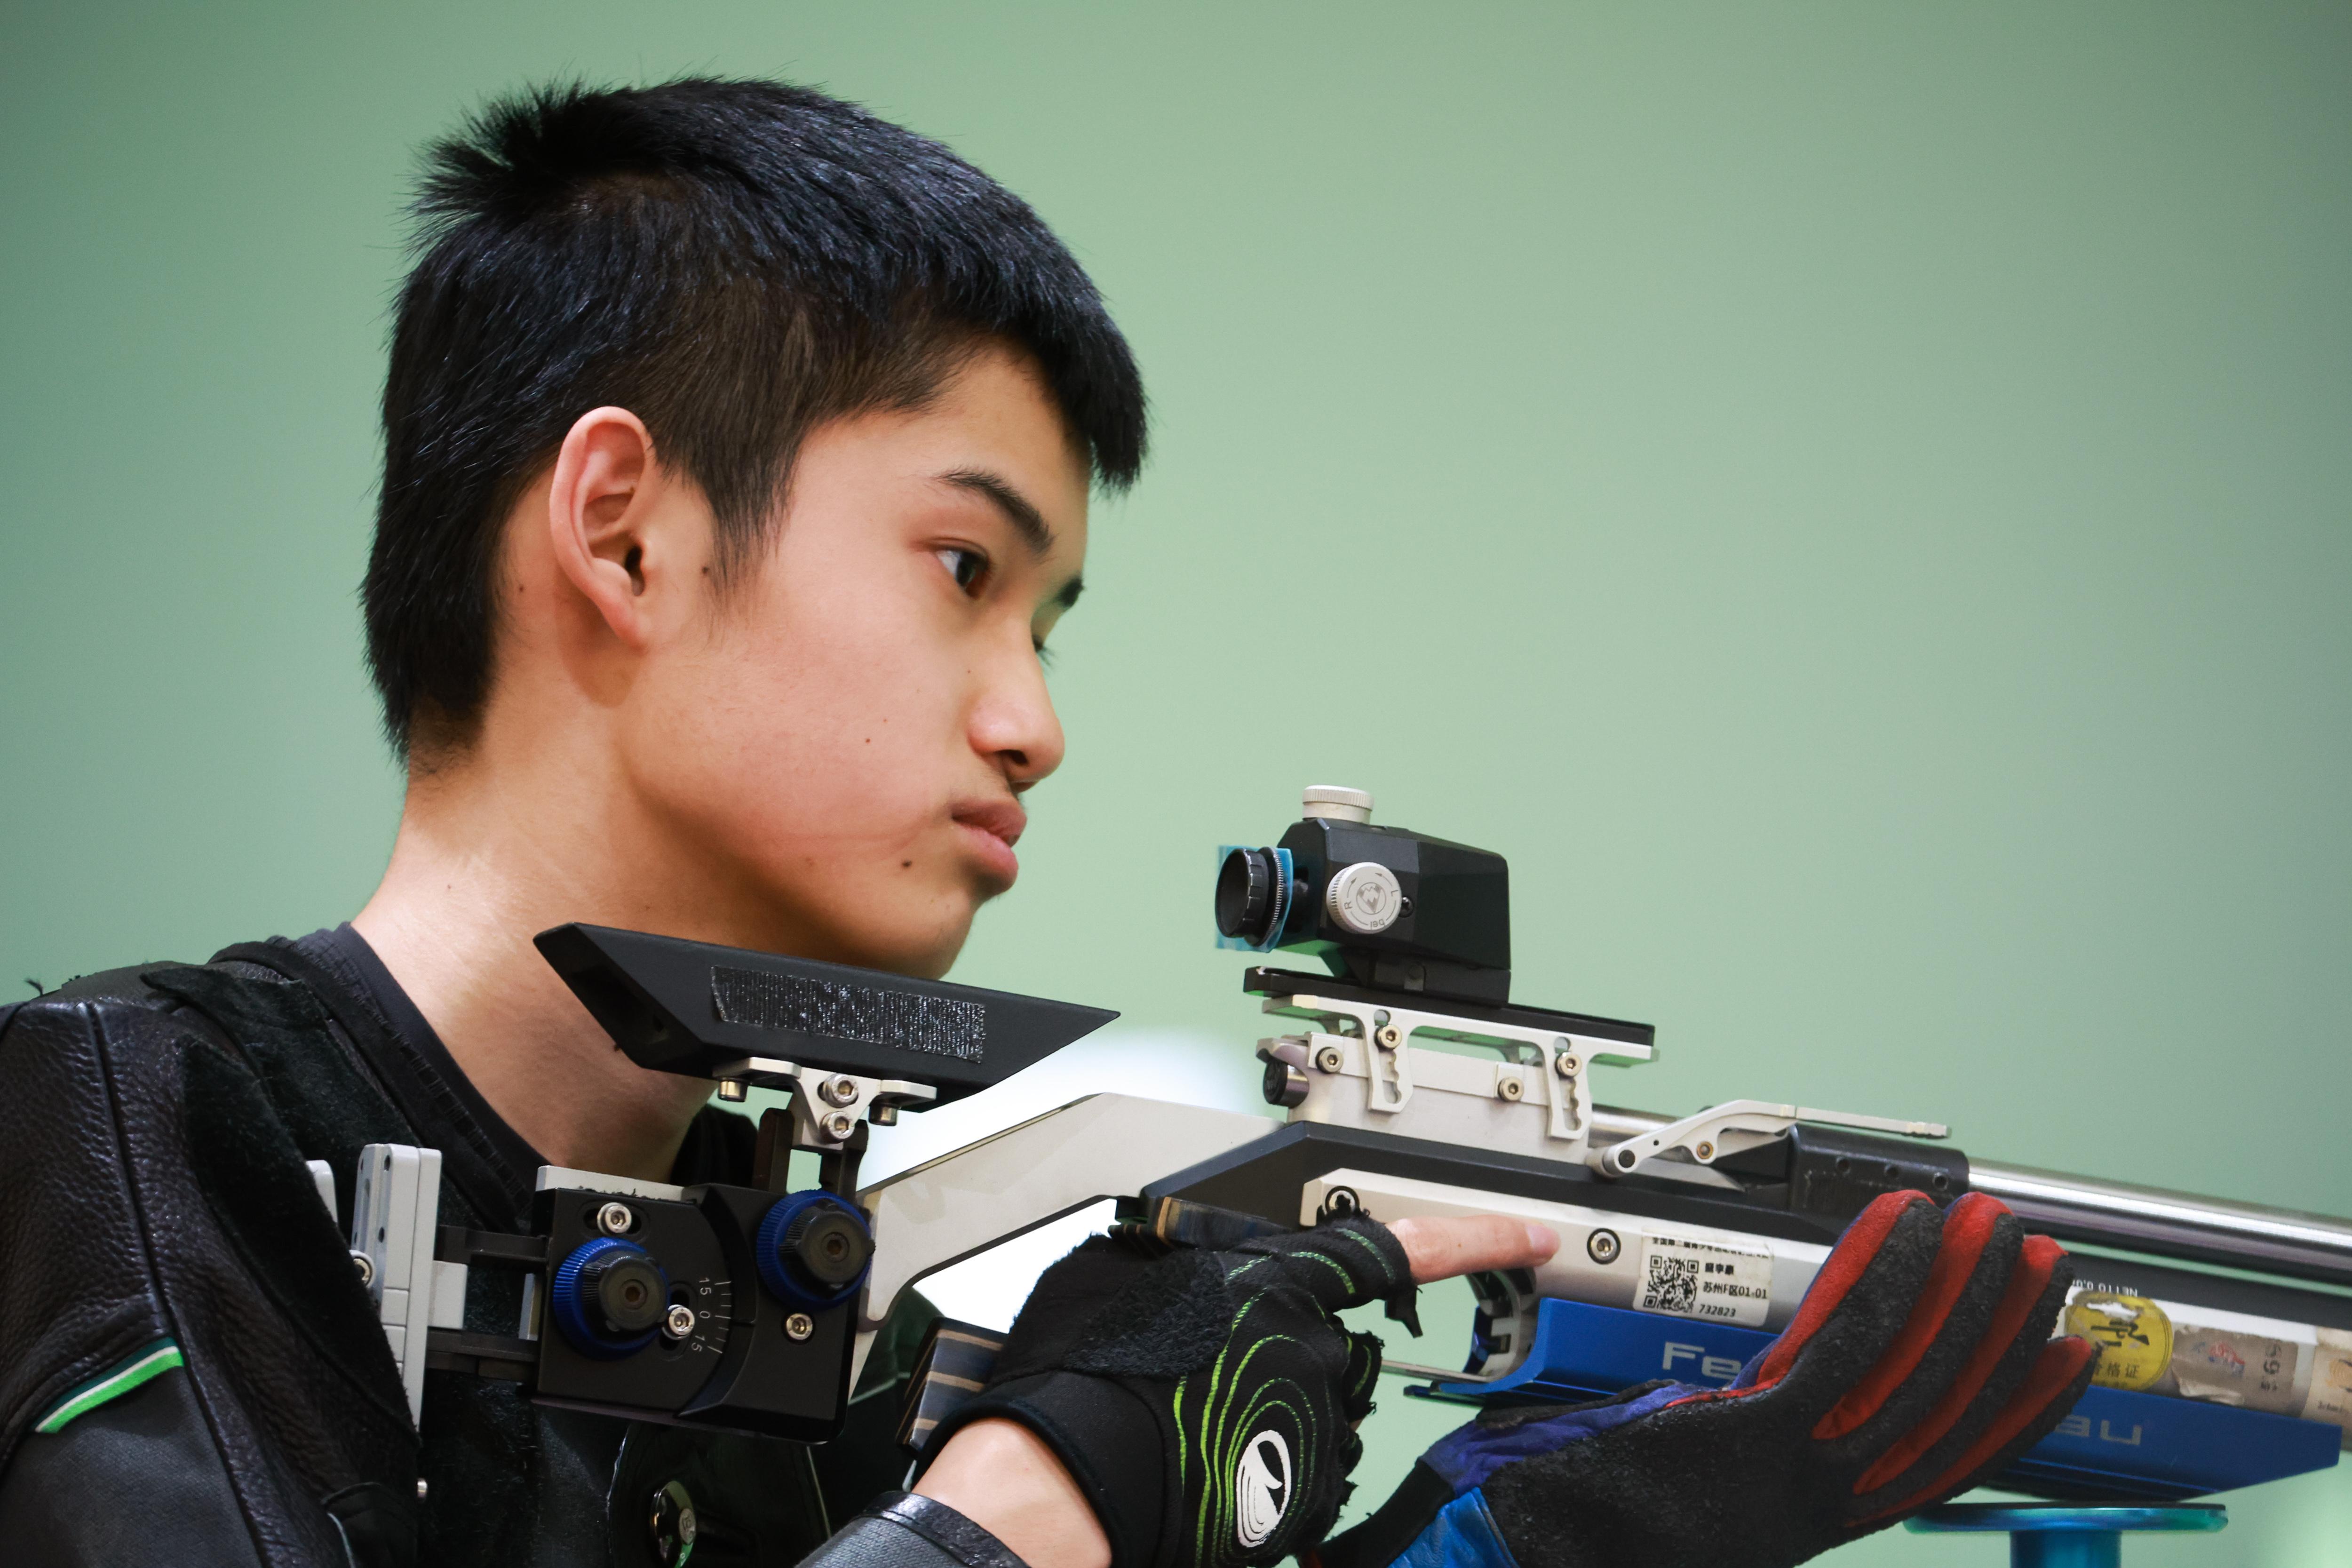 16岁的盛李豪。